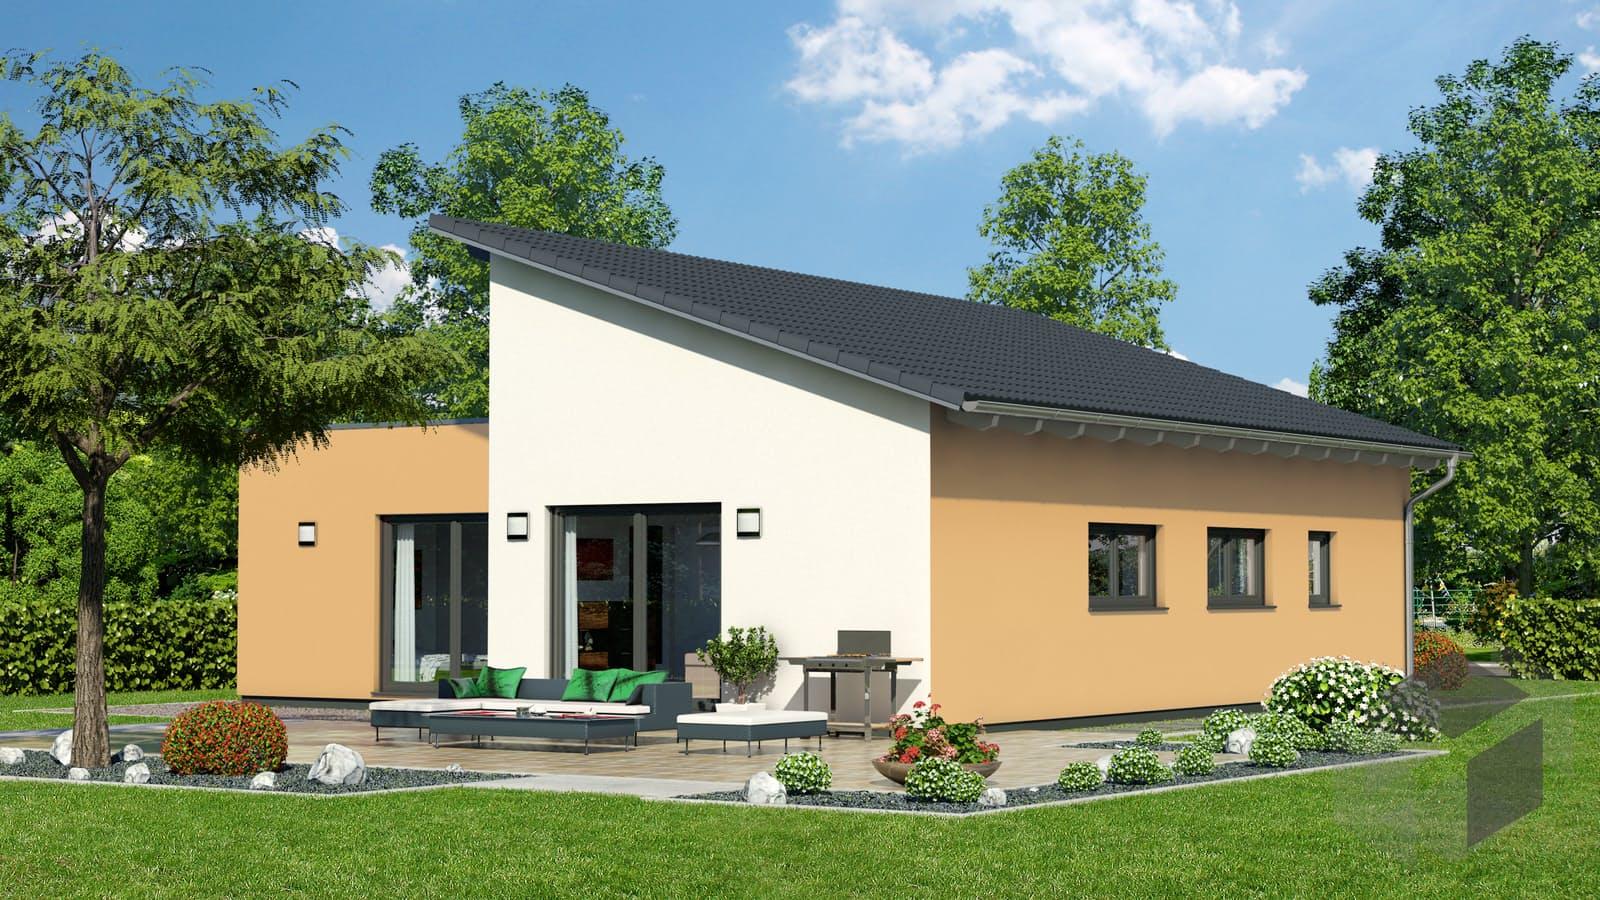 fame 90 b out von schwabenhaus komplette daten bersicht. Black Bedroom Furniture Sets. Home Design Ideas